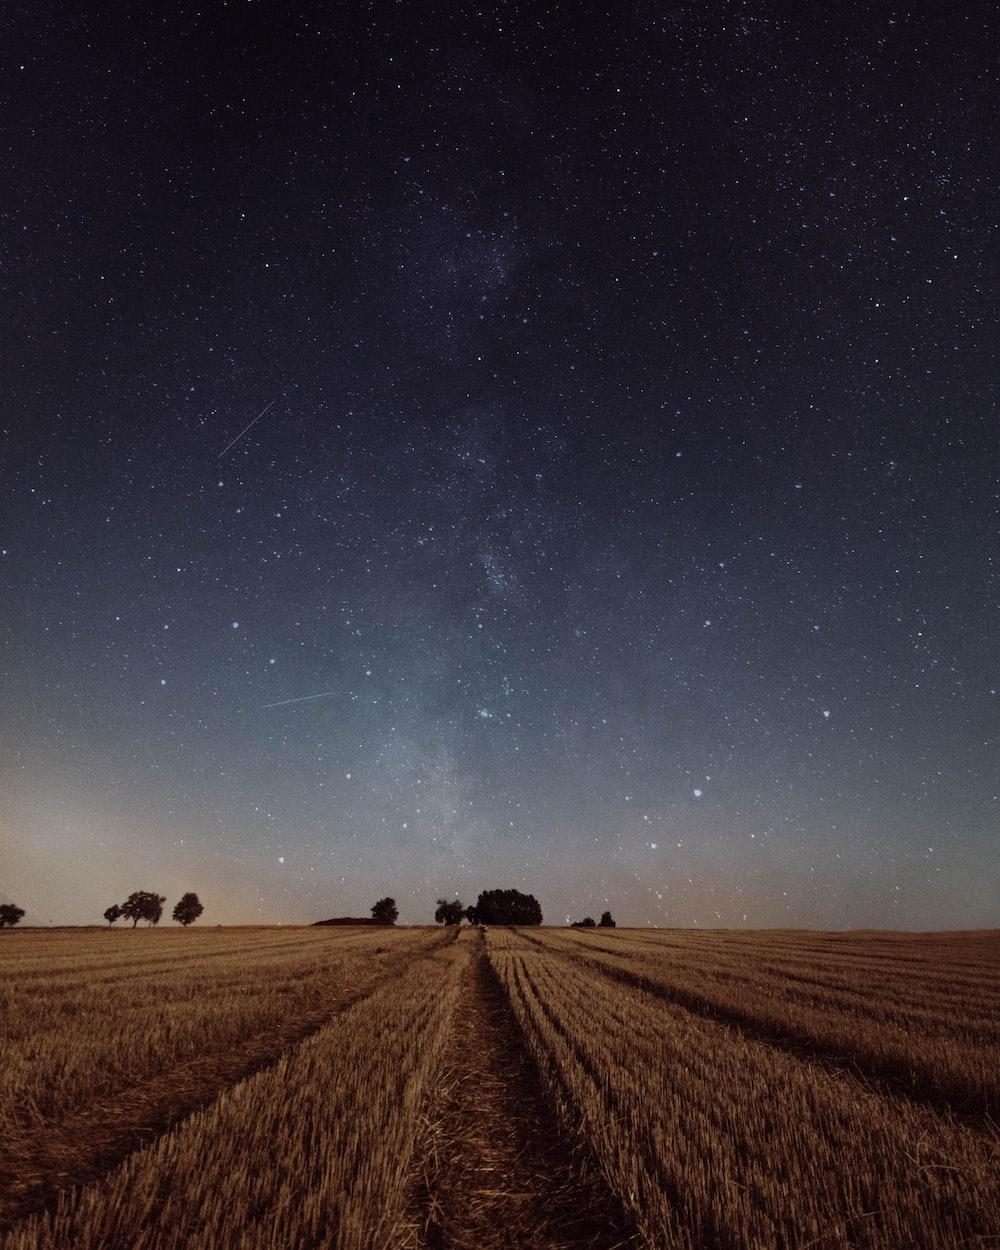 rice field under constellation